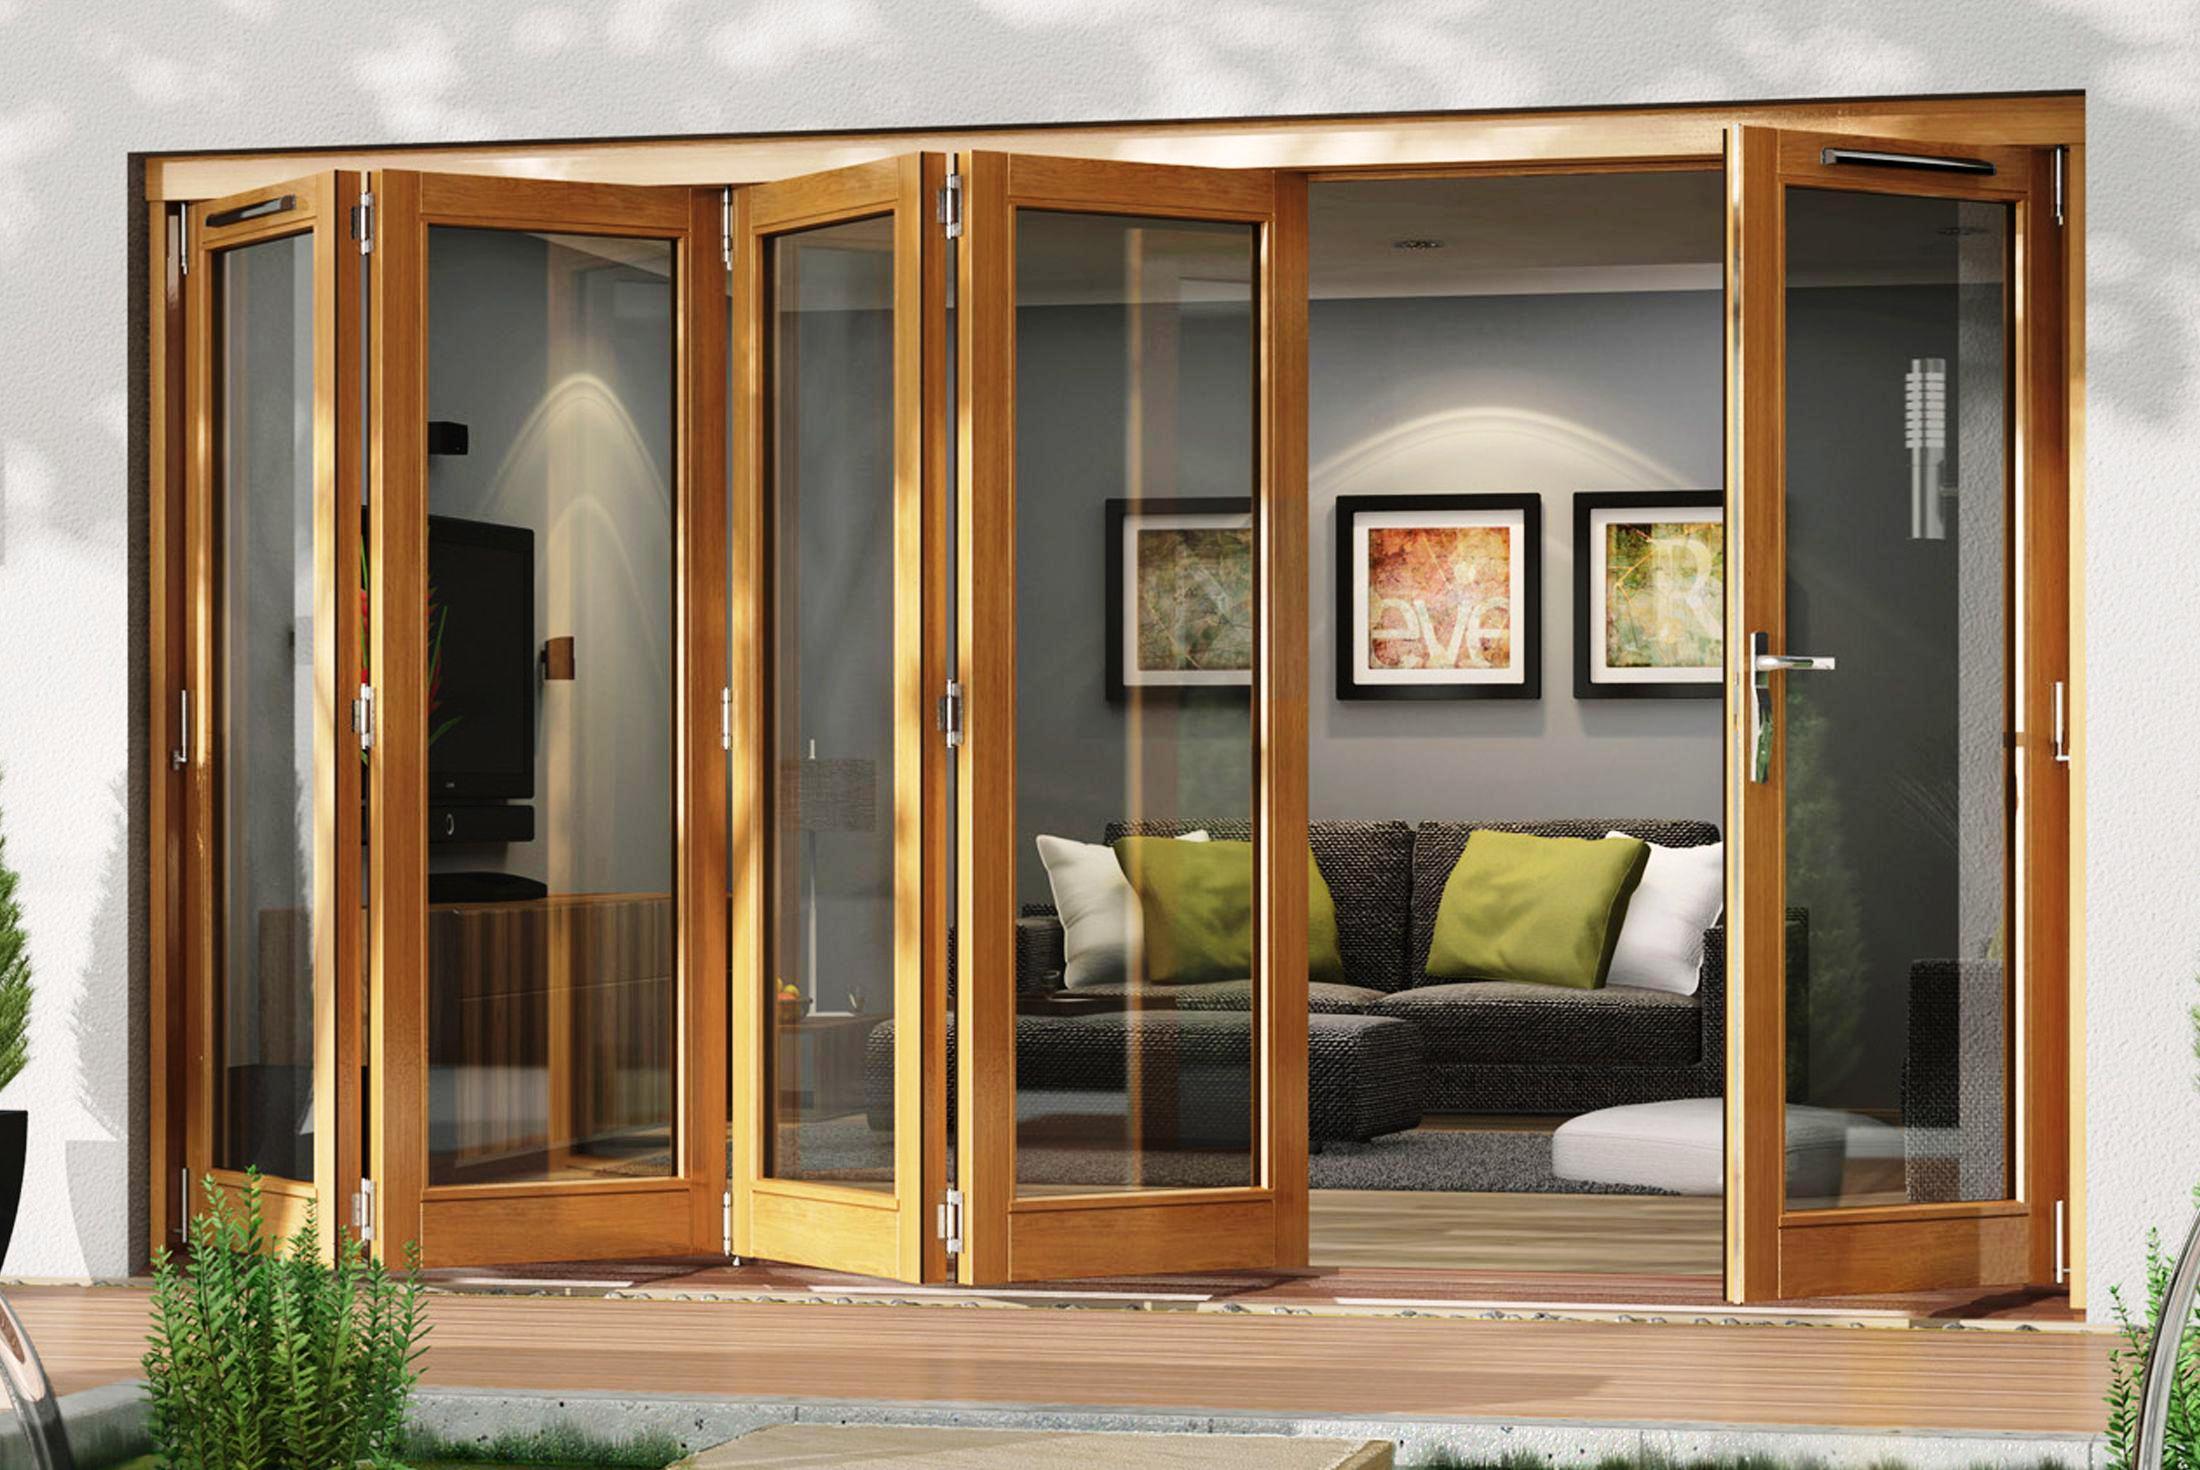 Home Depot Patio Door Installation Reviews Schmidt